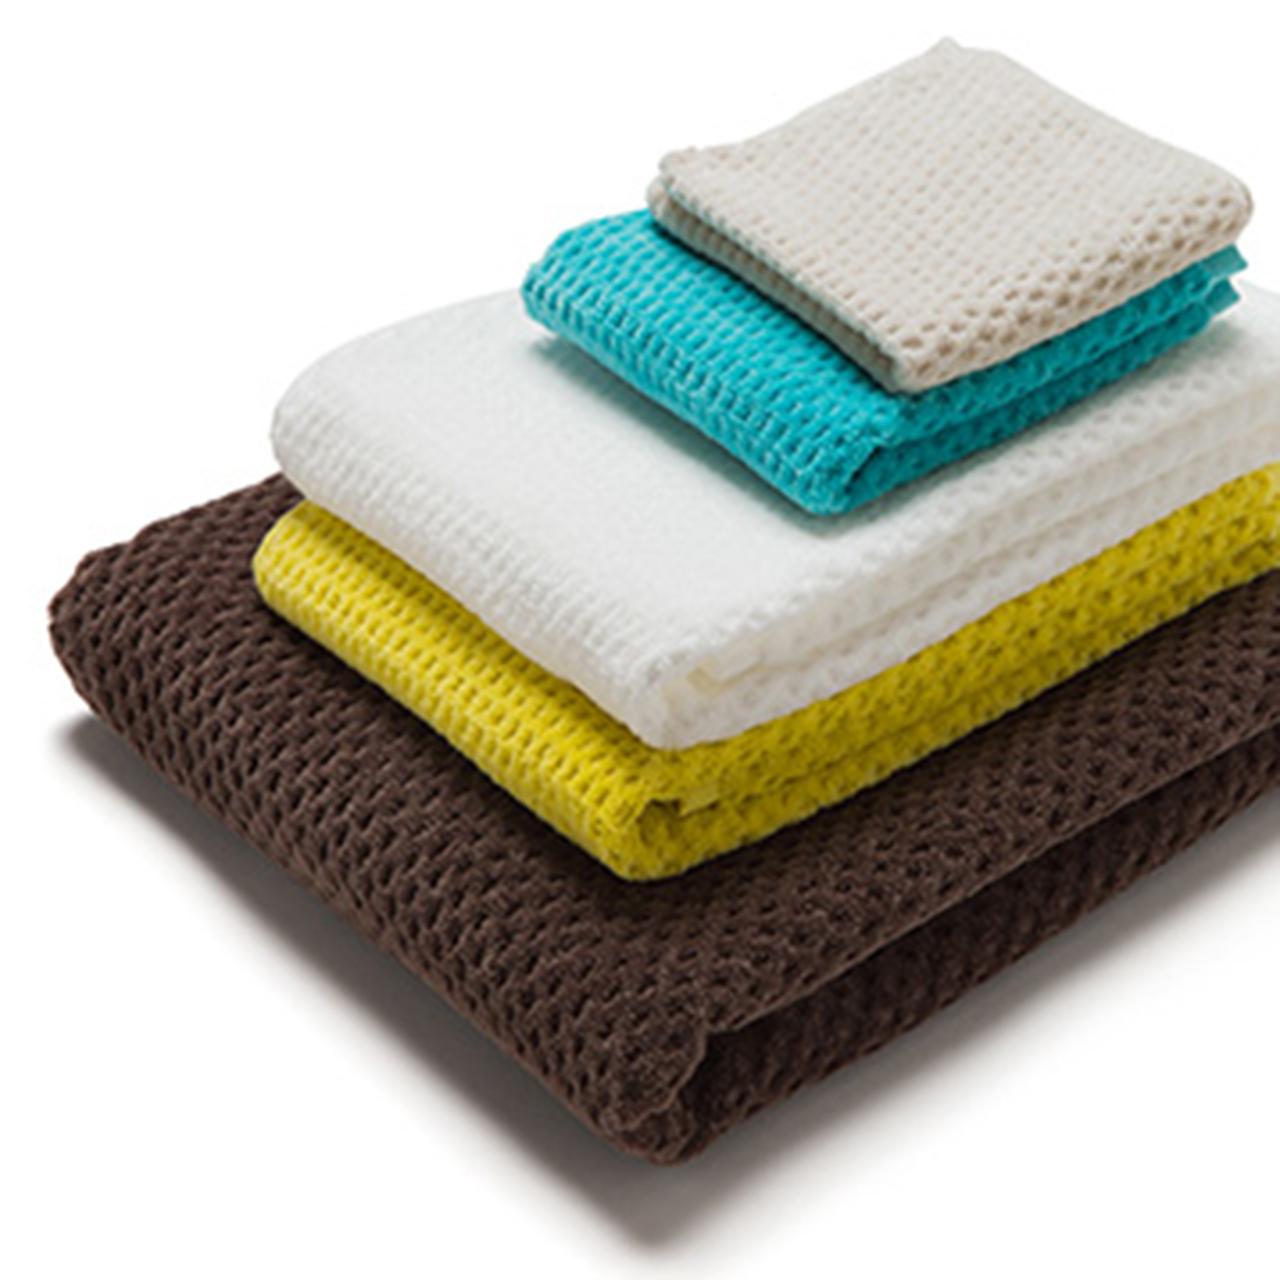 Fiber Art Studio  Half Cut Towel / Bath Towel